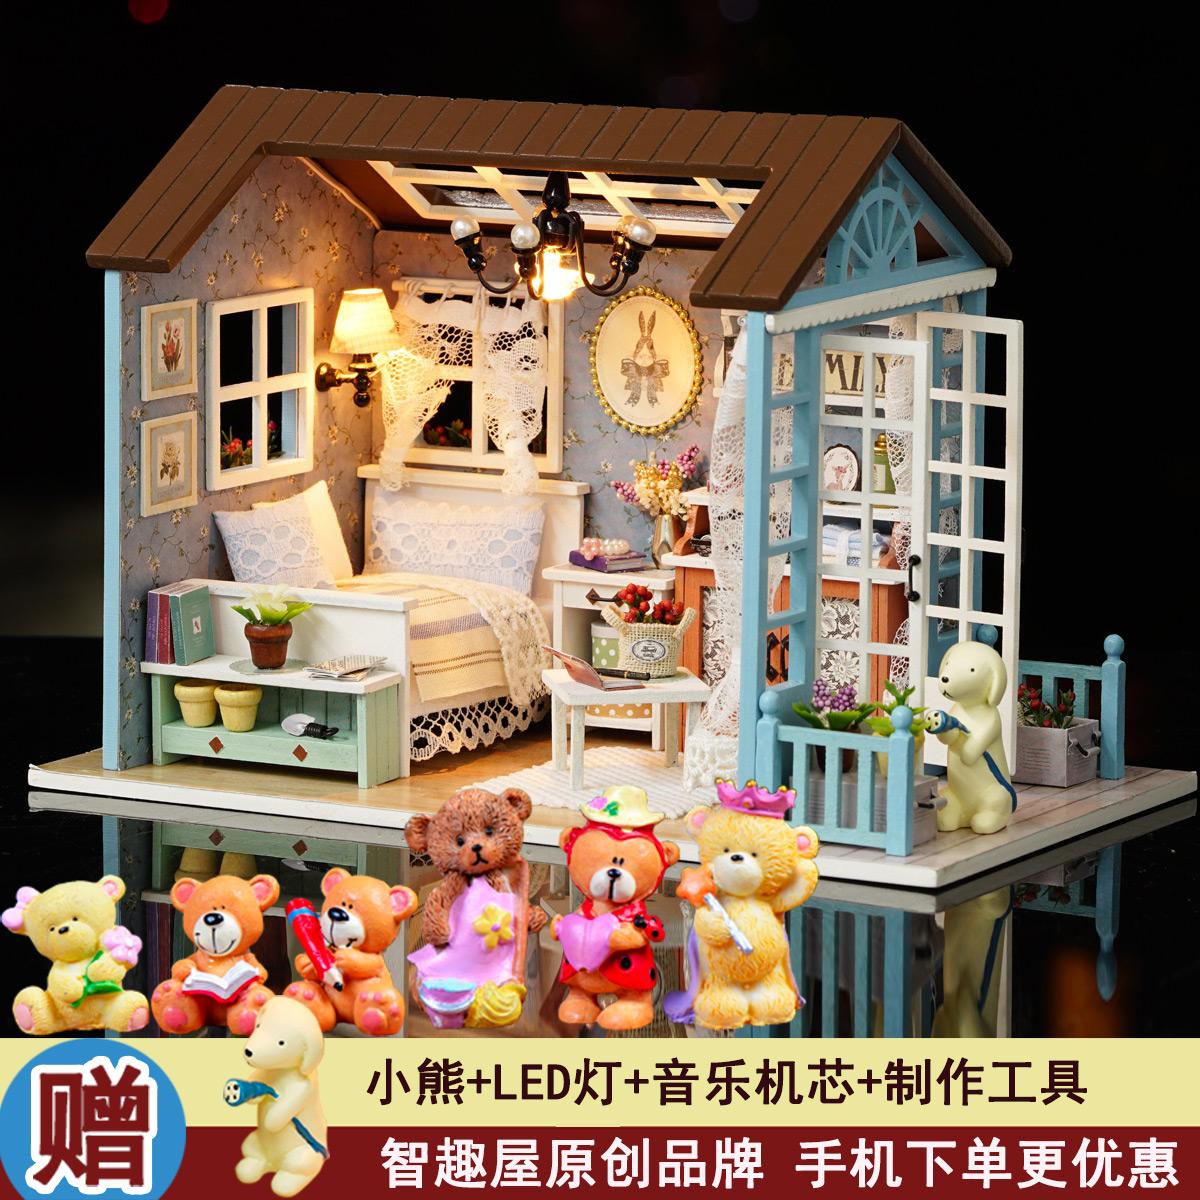 智趣屋diy小屋森蓝时光手工制作房子拼装别墅模型玩具创意礼物女3元优惠券